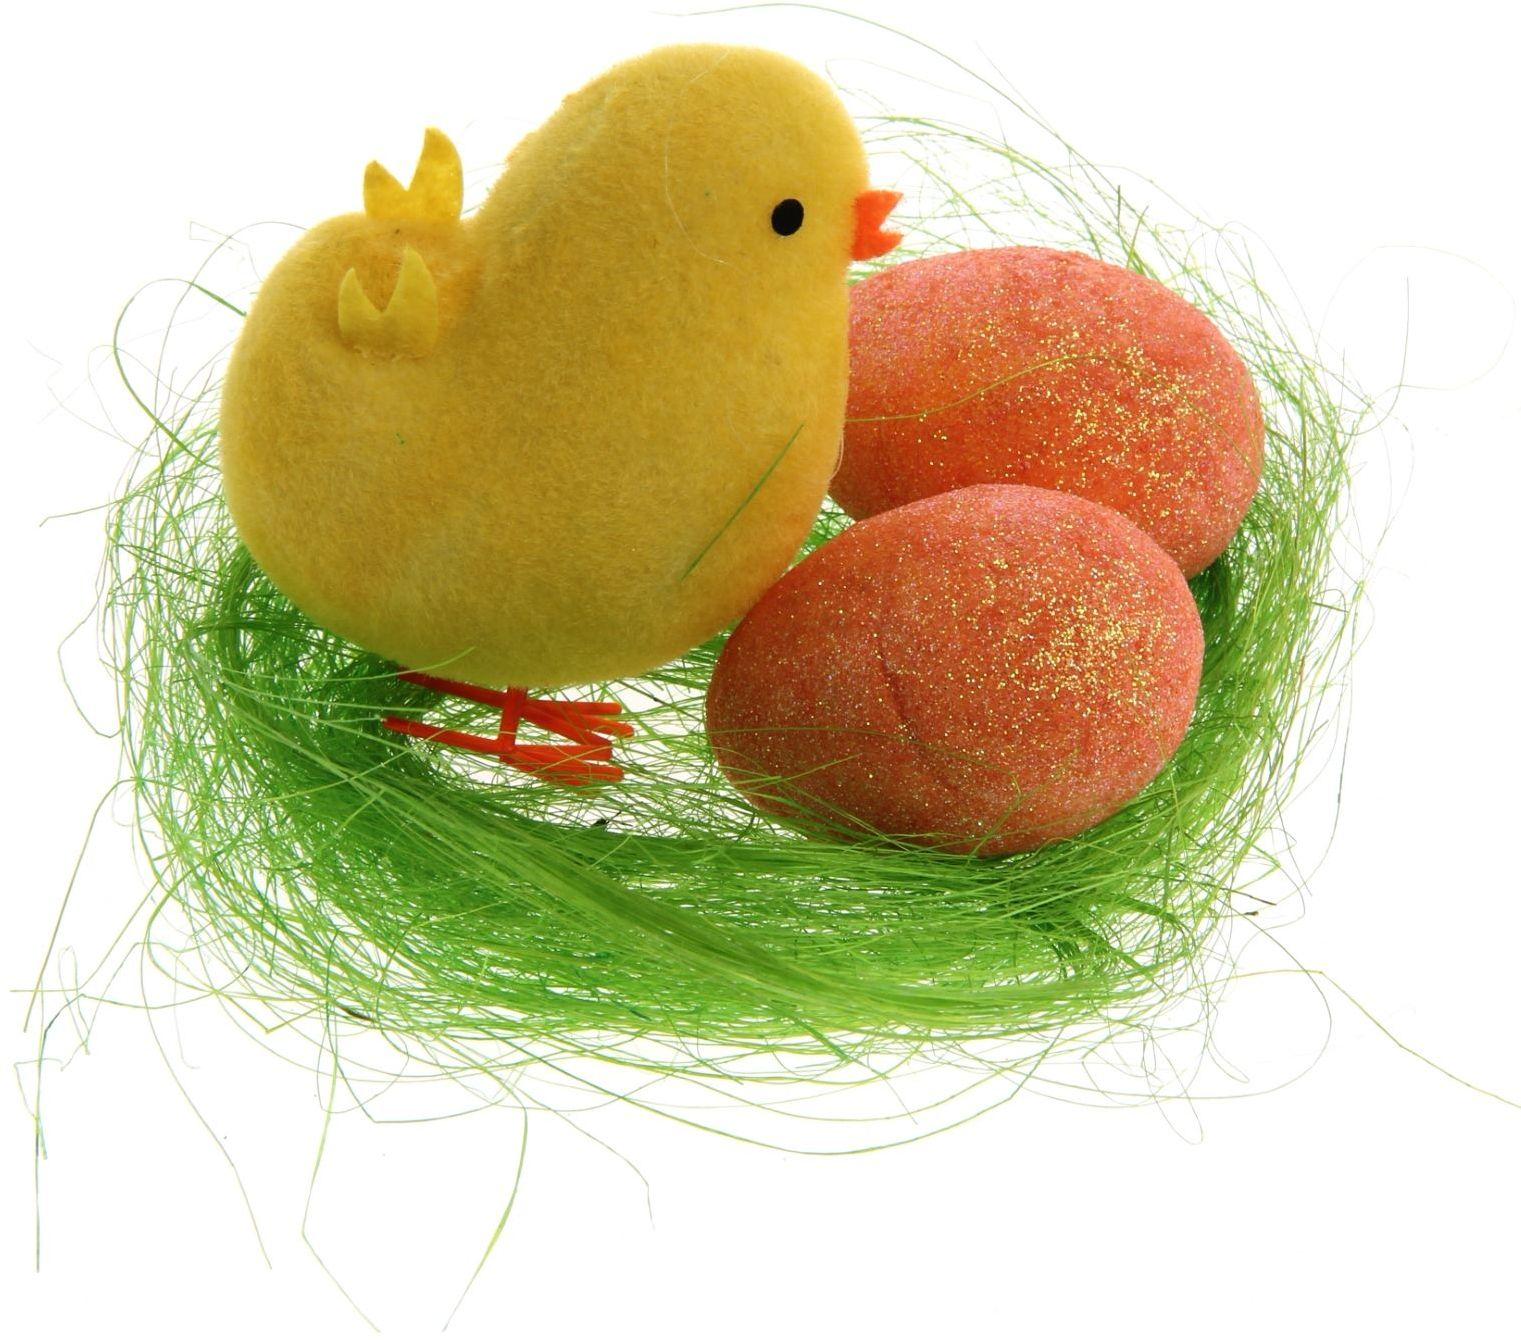 Сувенир пасхальный Sima-land Цыплёнок на травке, 6 х 6 х 10 смUP210DFДарить подарки на Пасху – это такая же традиция, как красить яйца и выпекать куличи. Презенты вдвойне приятнее, если они несут в себе сакральный смысл и имеют какое-то значение.Сувенир Цыплёнок на травке, цвета МИКС - это символ возрождения и непрерывности жизни. С его помощью вы сможете украсить жилище, преподнести его близкому человеку или использовать при сервировке стола всю пасхальную неделю. Кроме того, пасхальные цыплята нравятся маленьким деткам.